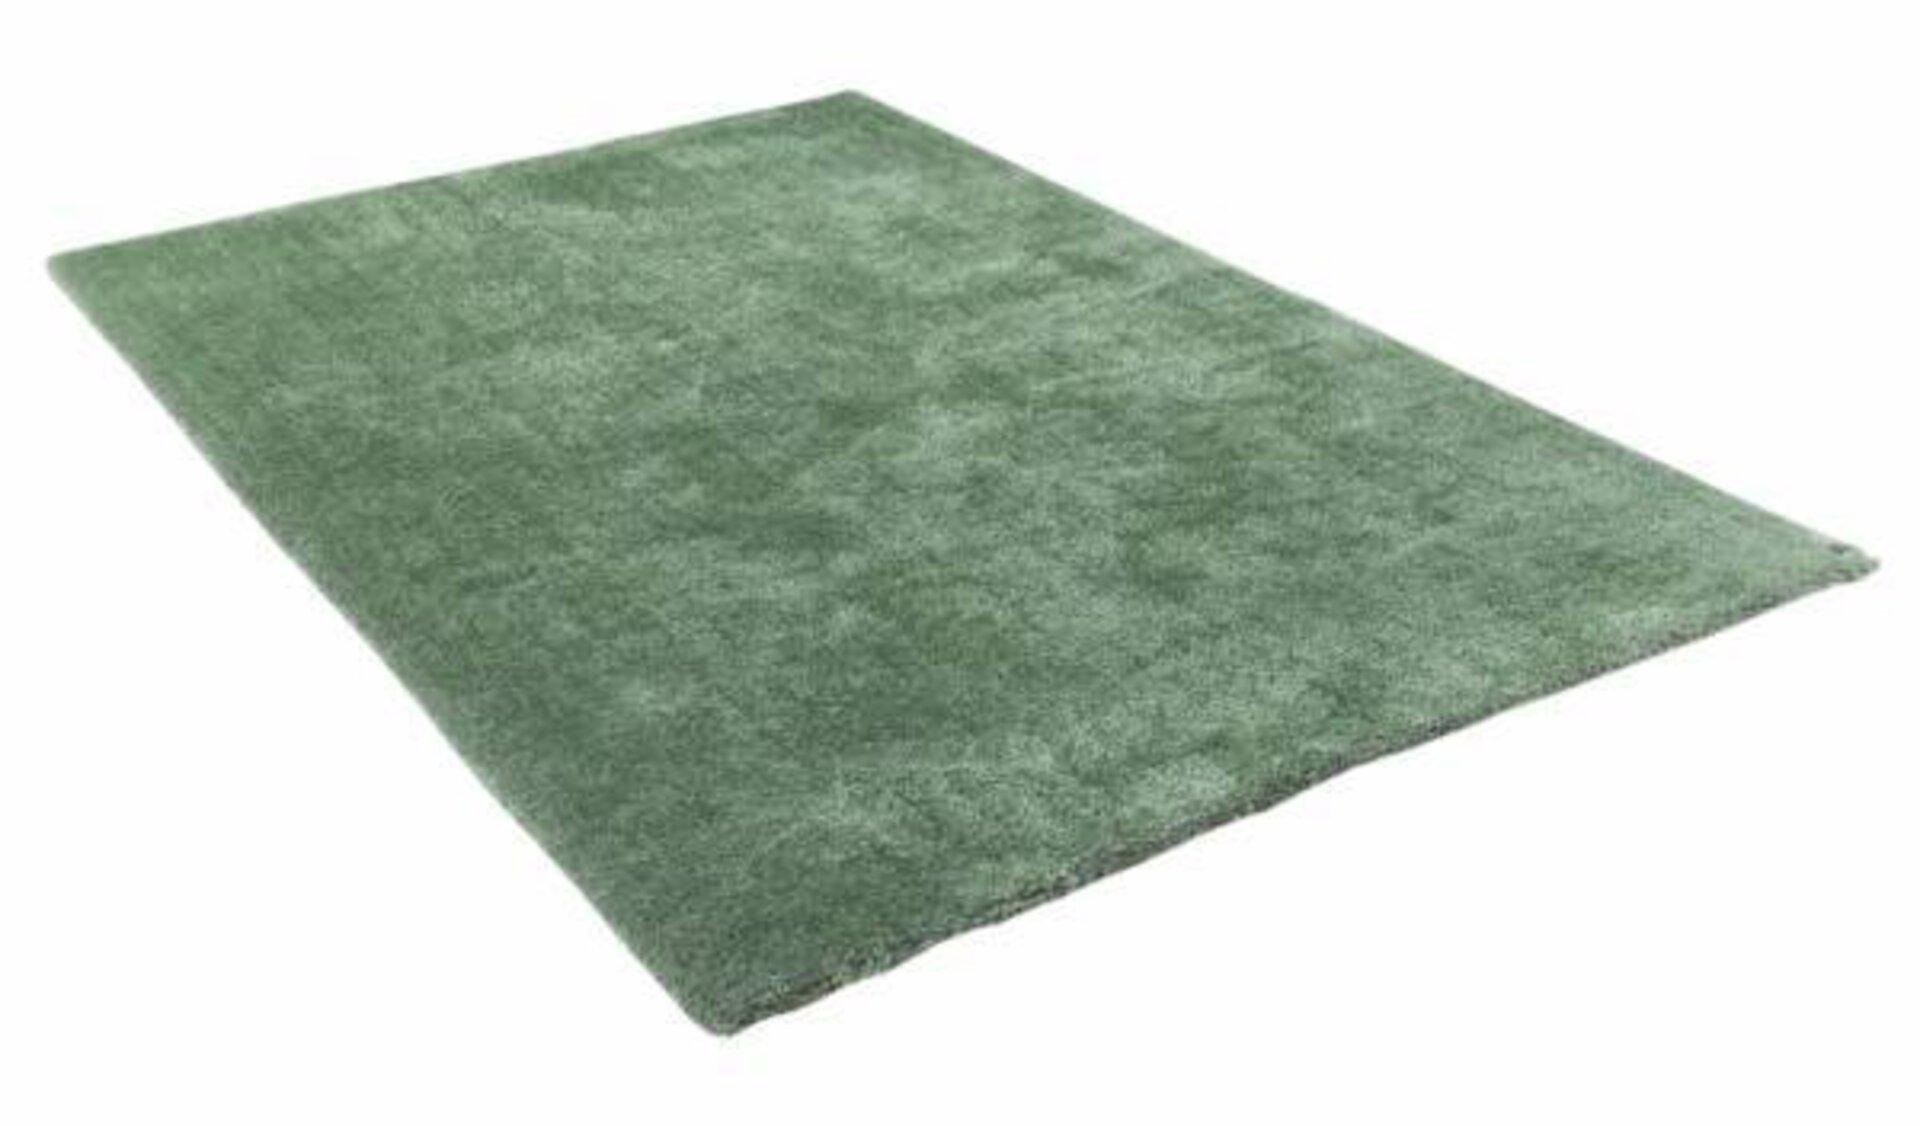 Hochflorteppich Soft Tom Tailor Textil grün 1 x 1 cm